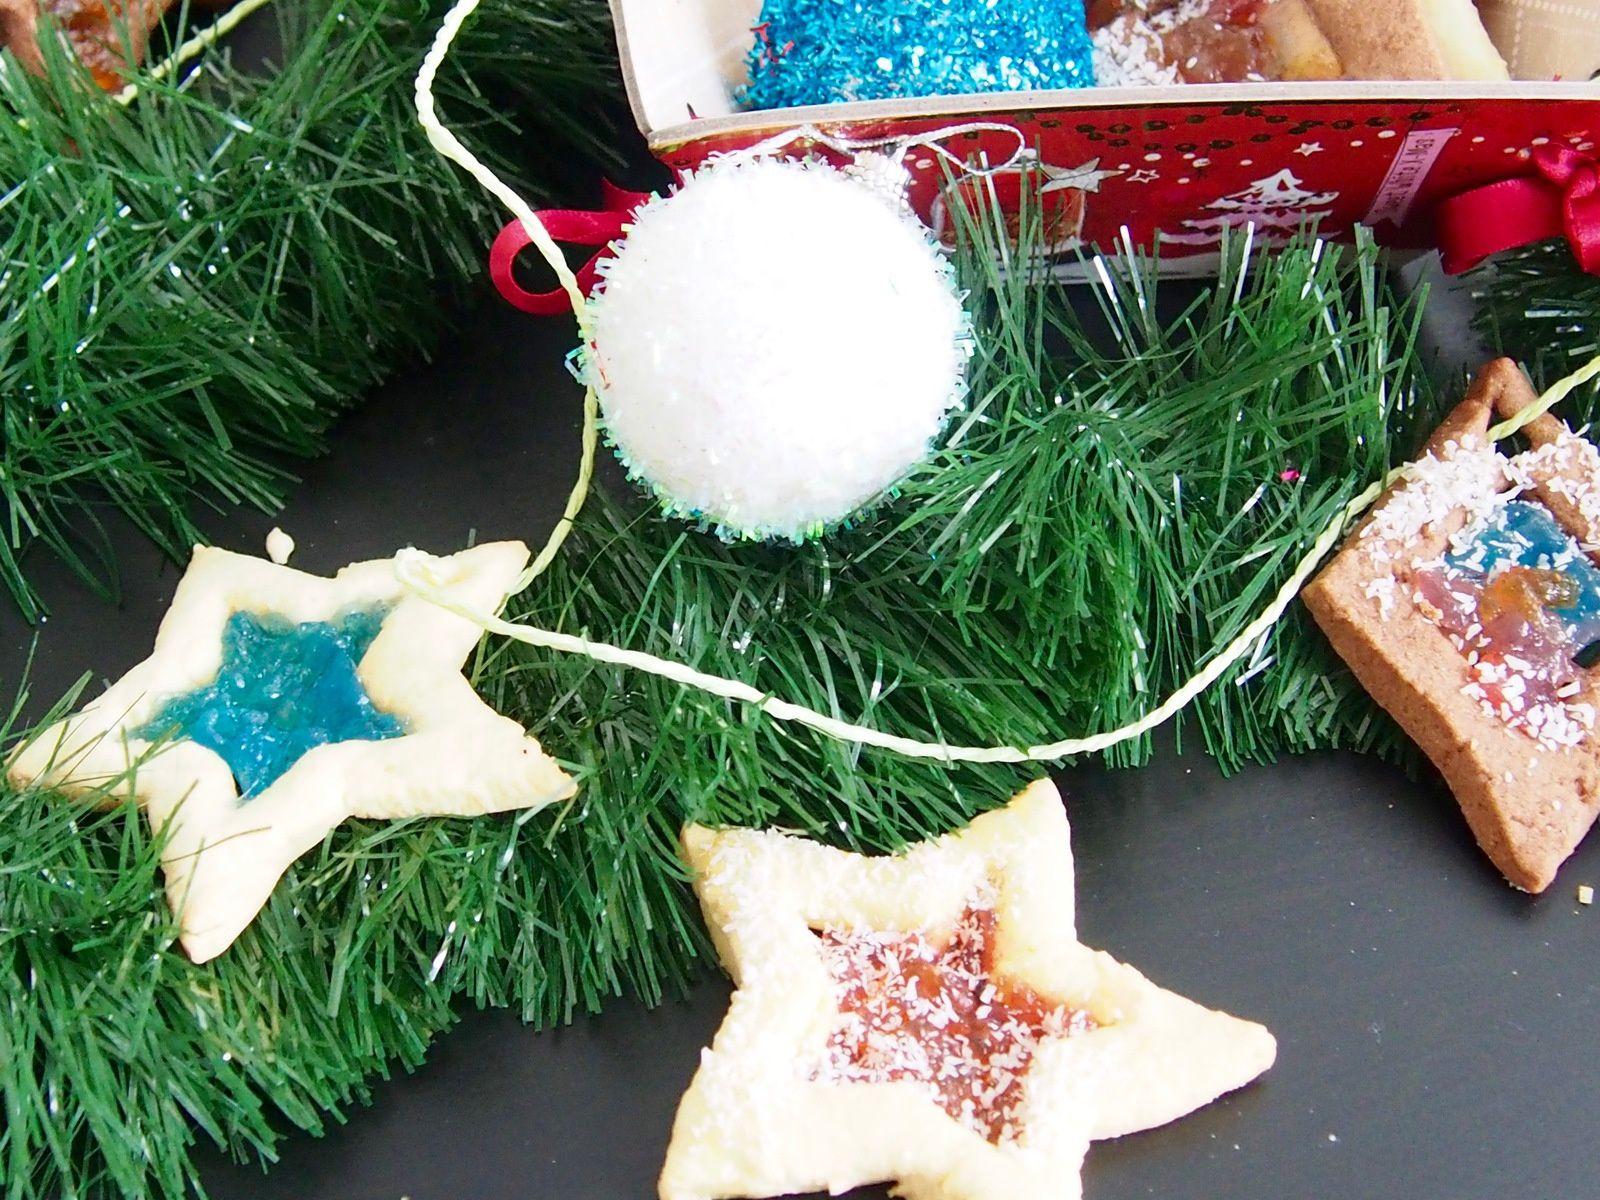 Les cookies vitraux à accrocher au sapin